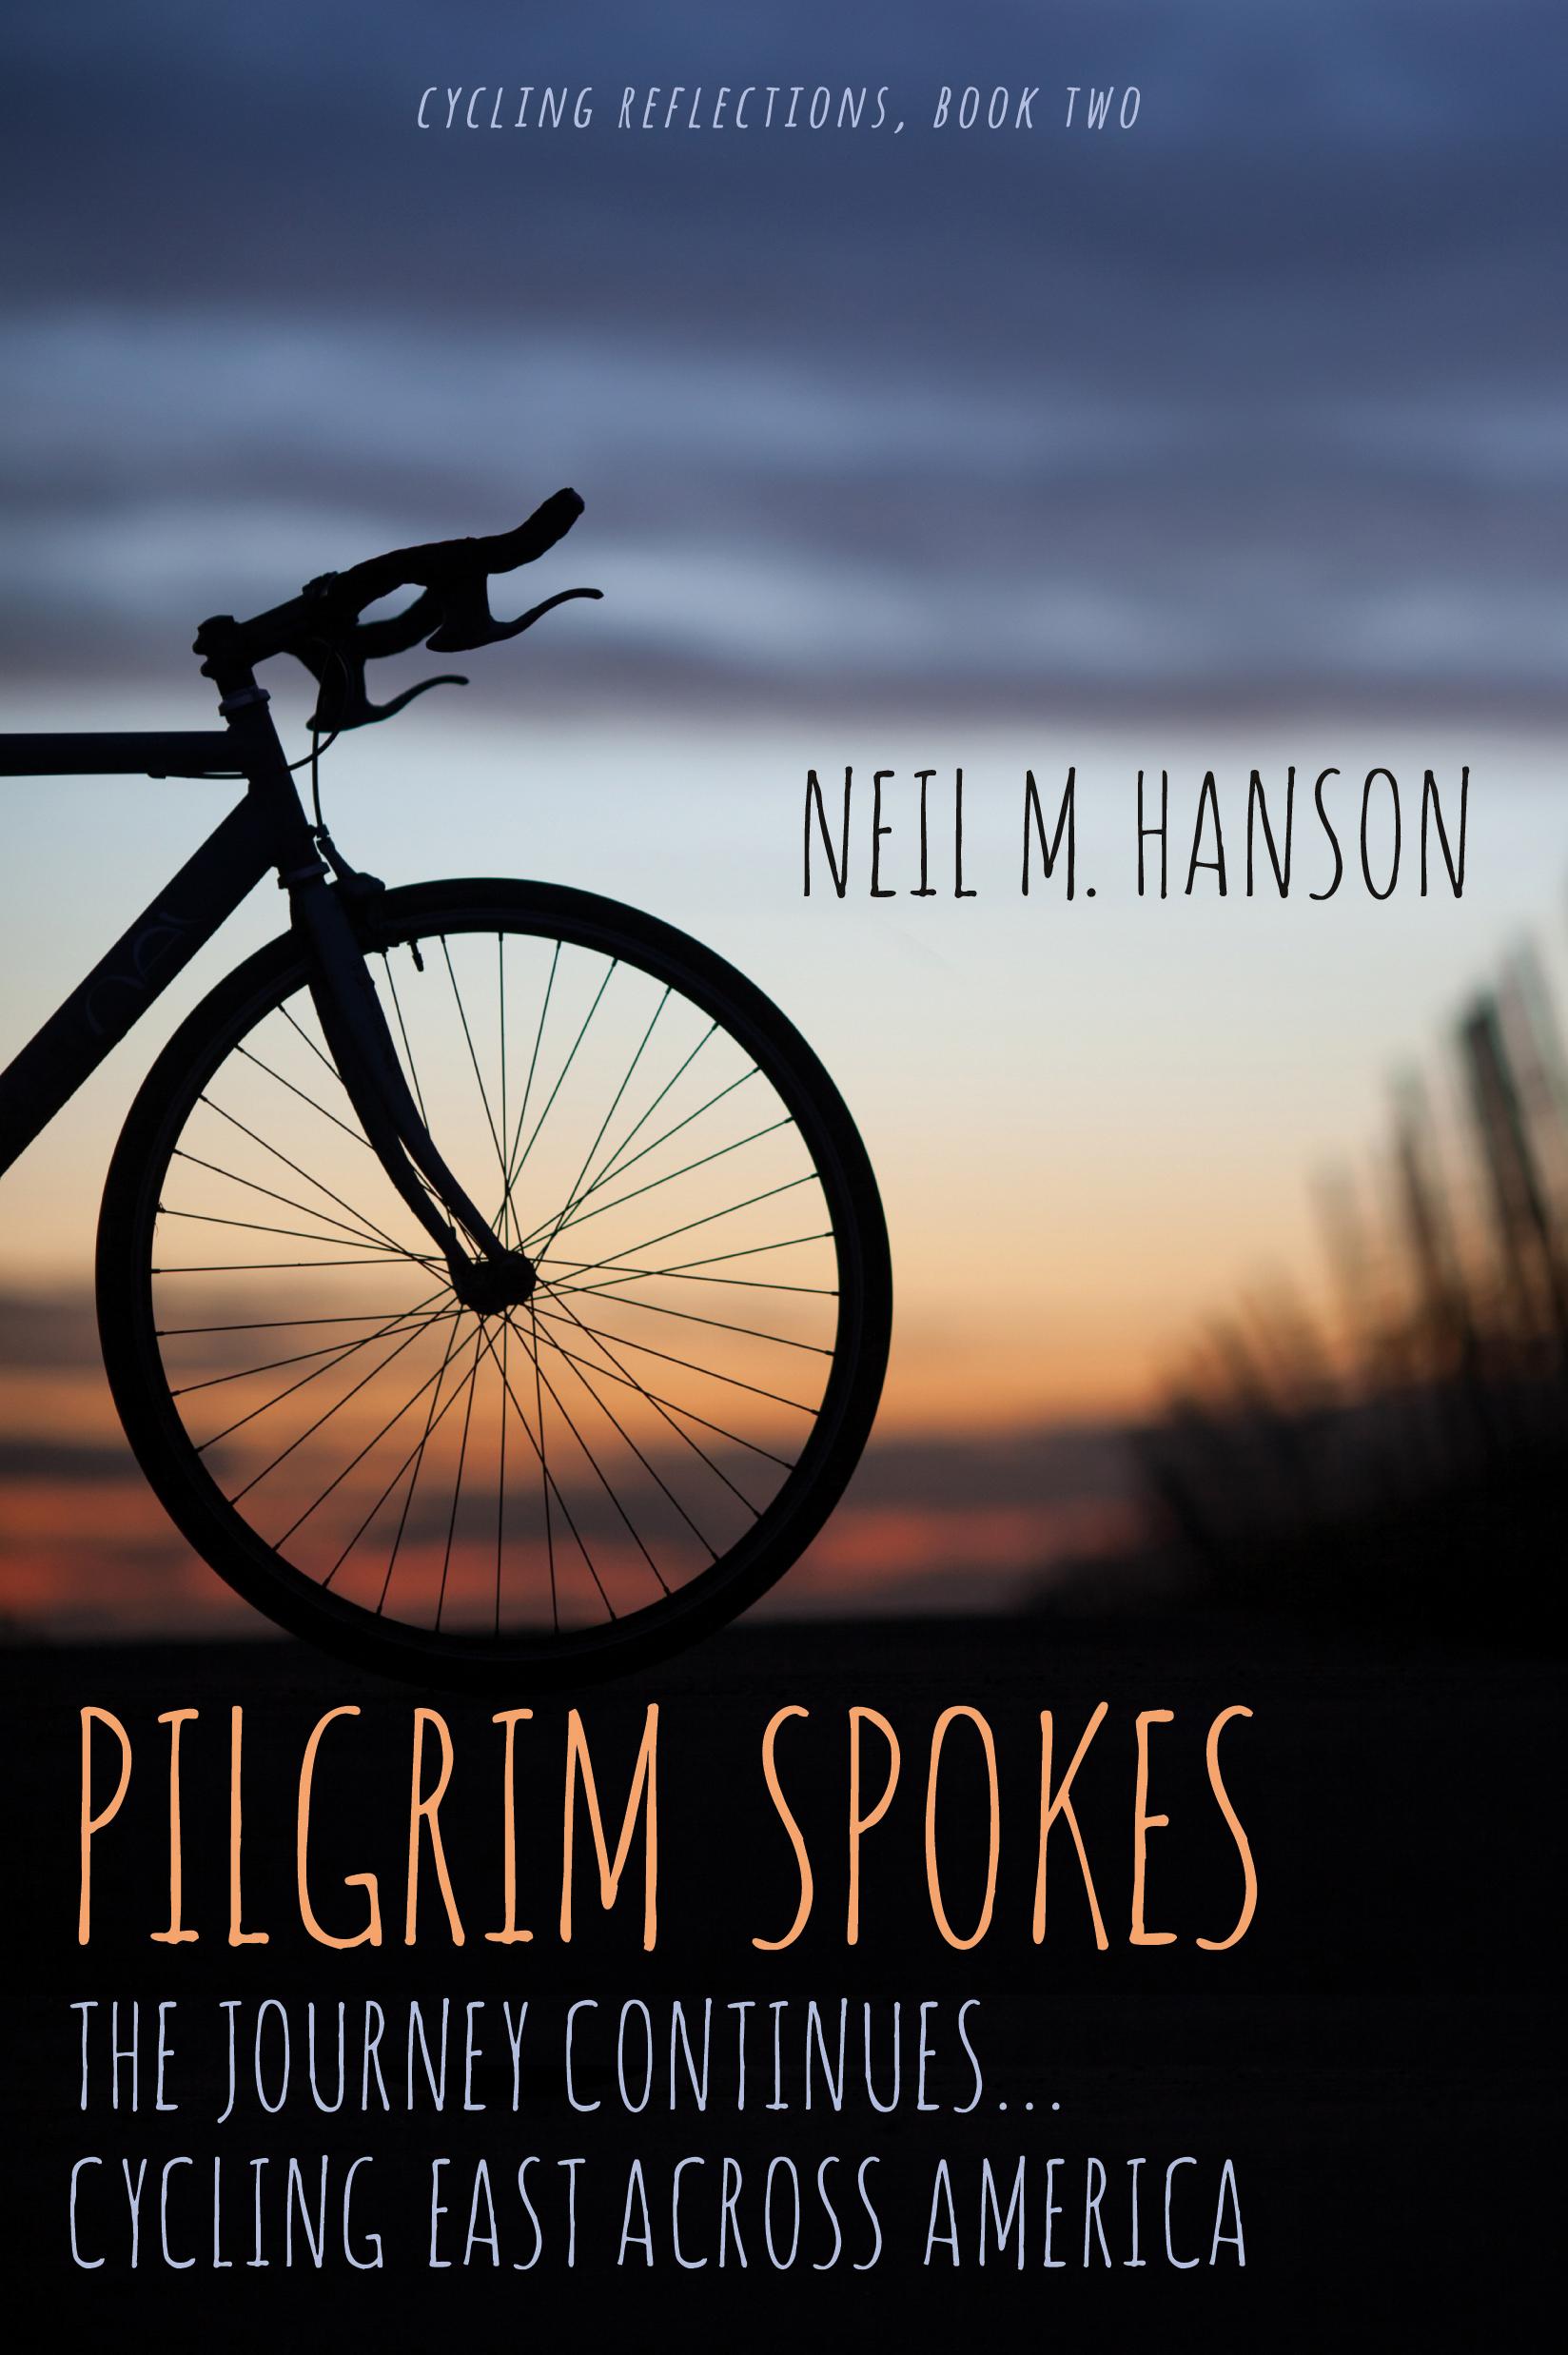 September, 2016: Pilgrim Spokes